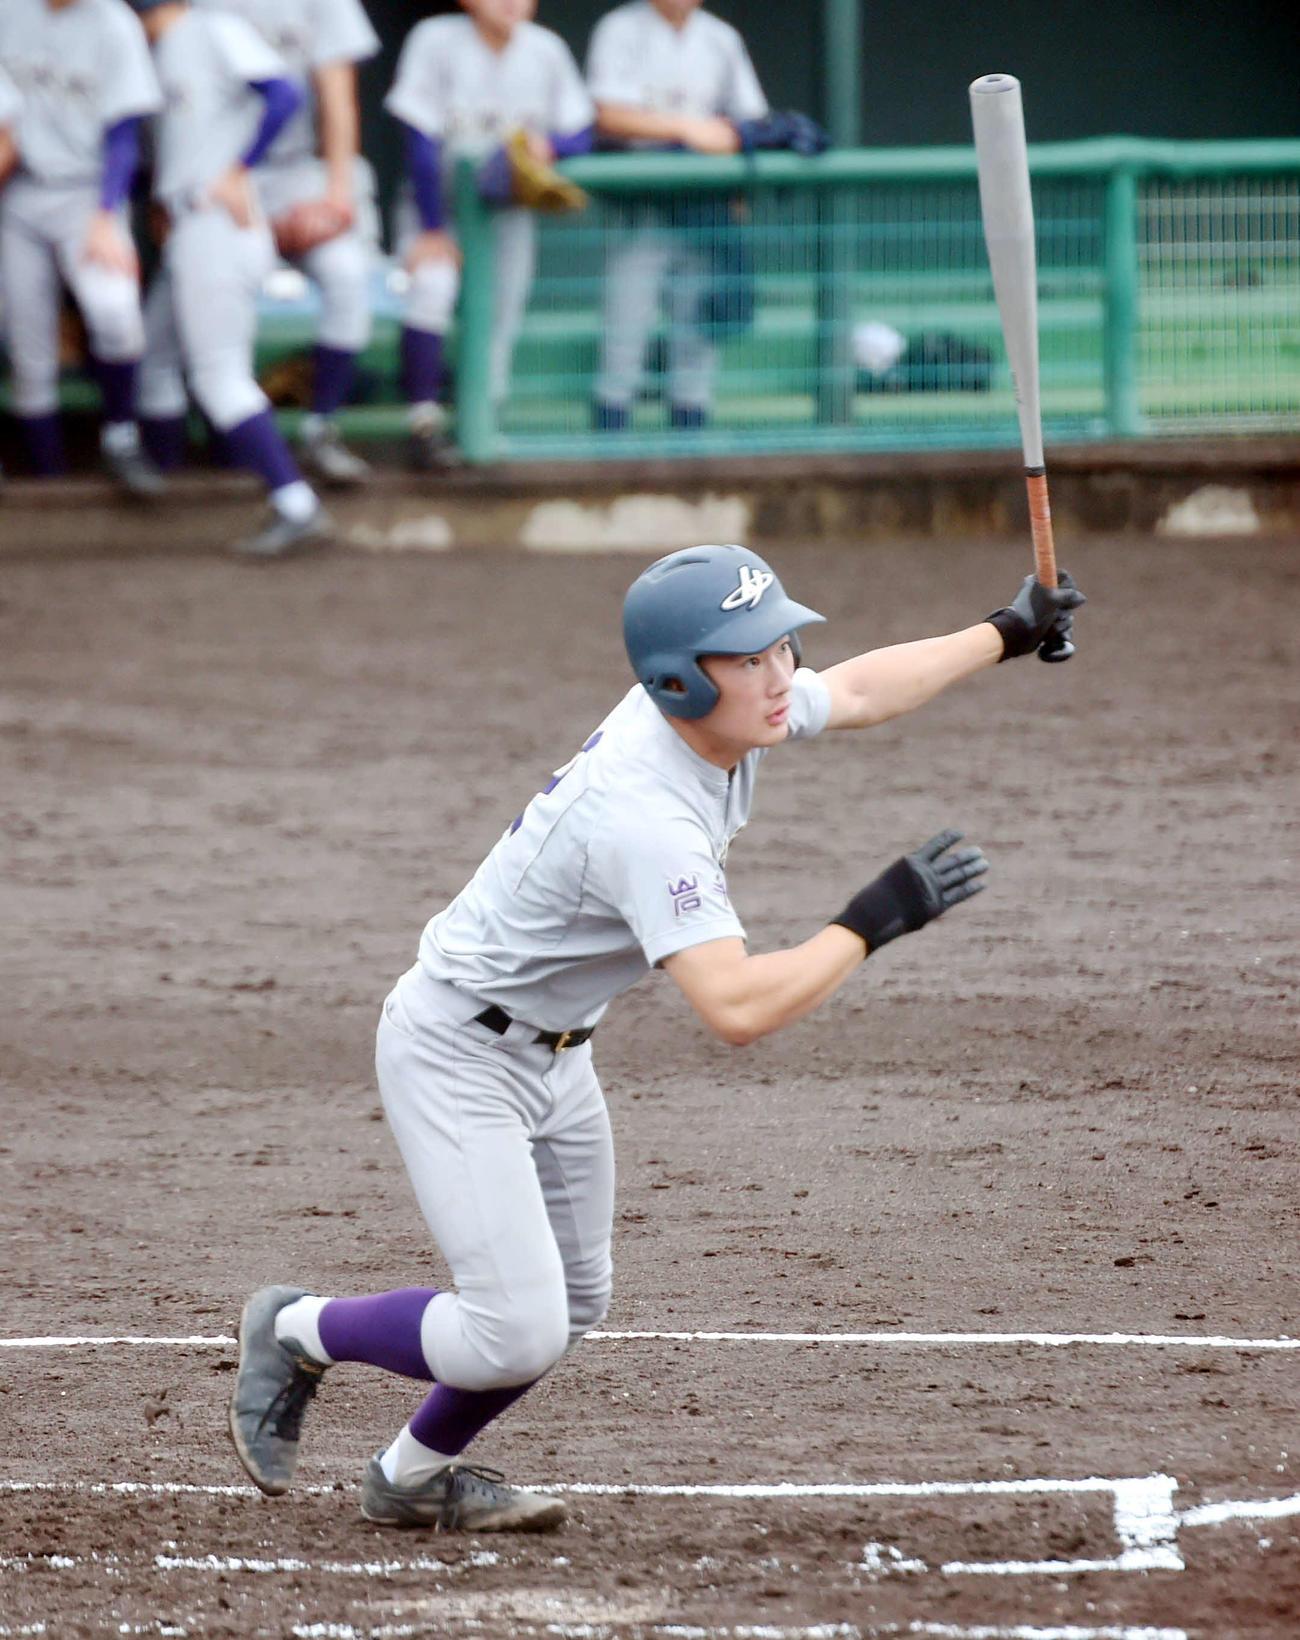 花巻東対遠野緑峰 1回表花巻東2死満塁、走者一掃の3点三塁打を放つ関根